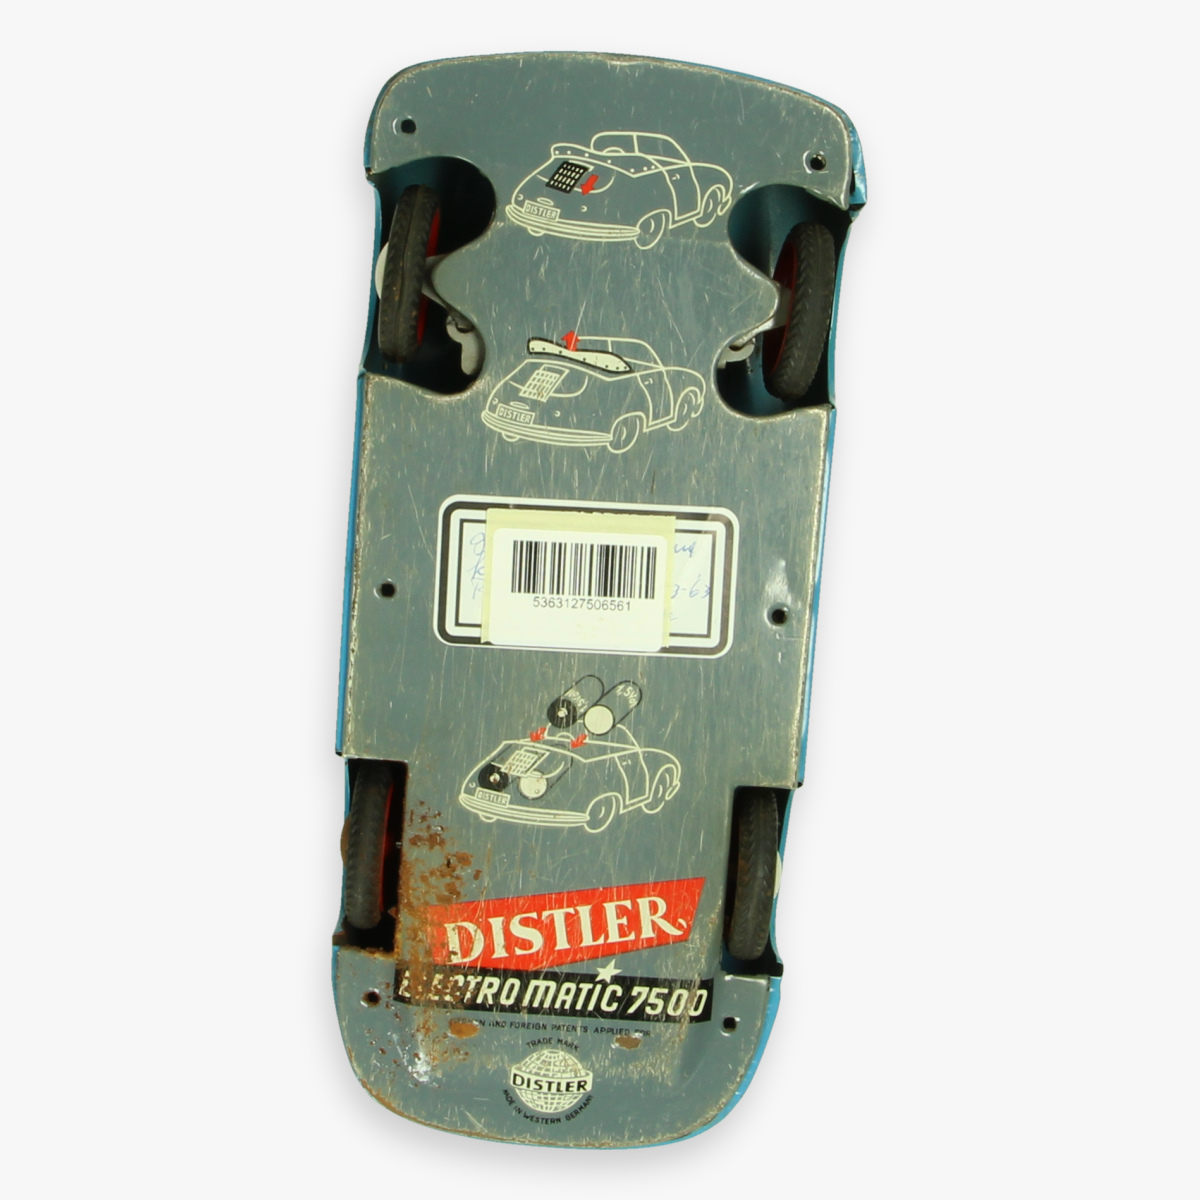 Afbeeldingen van tin toy distler porche 356 blauw jaren 50 electro matic 7500